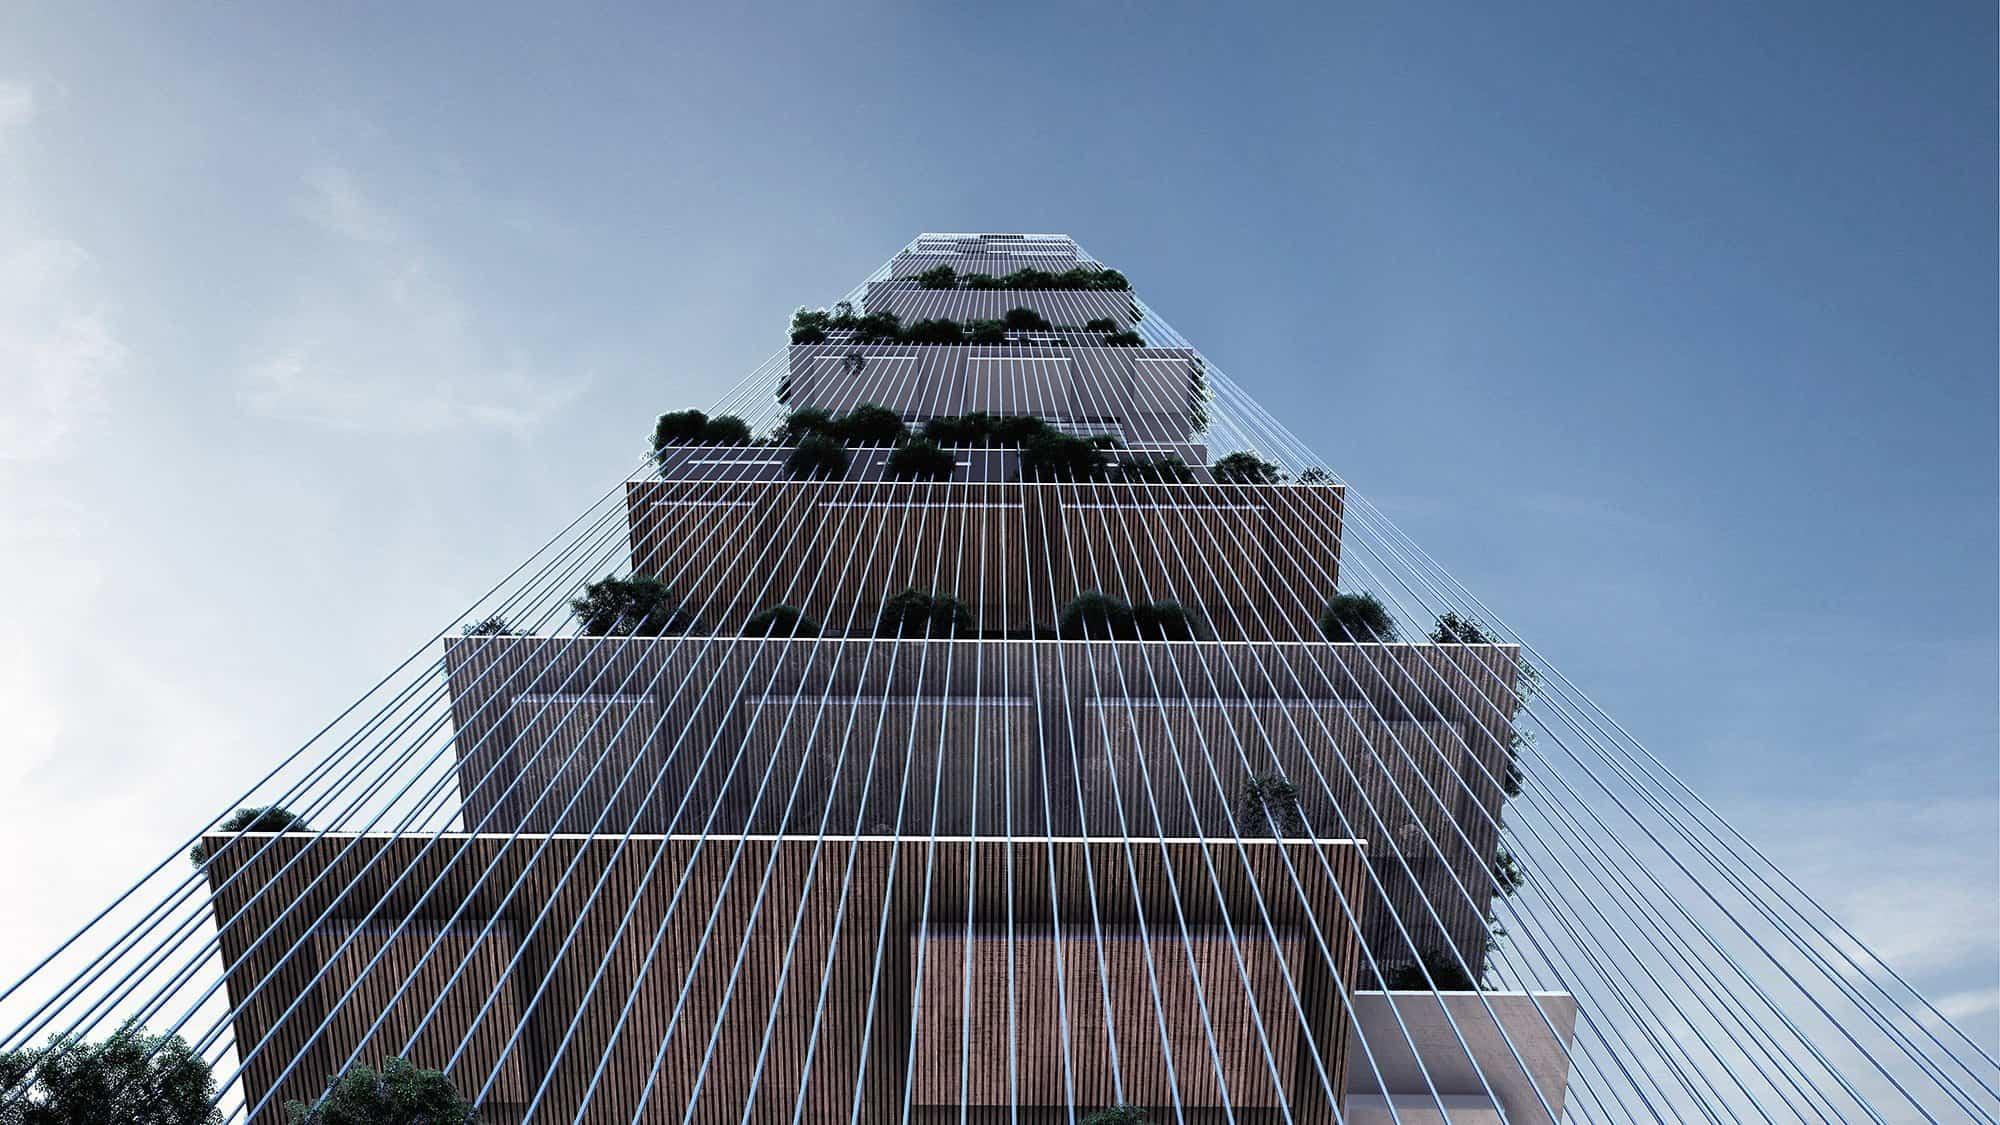 Skylines Tower